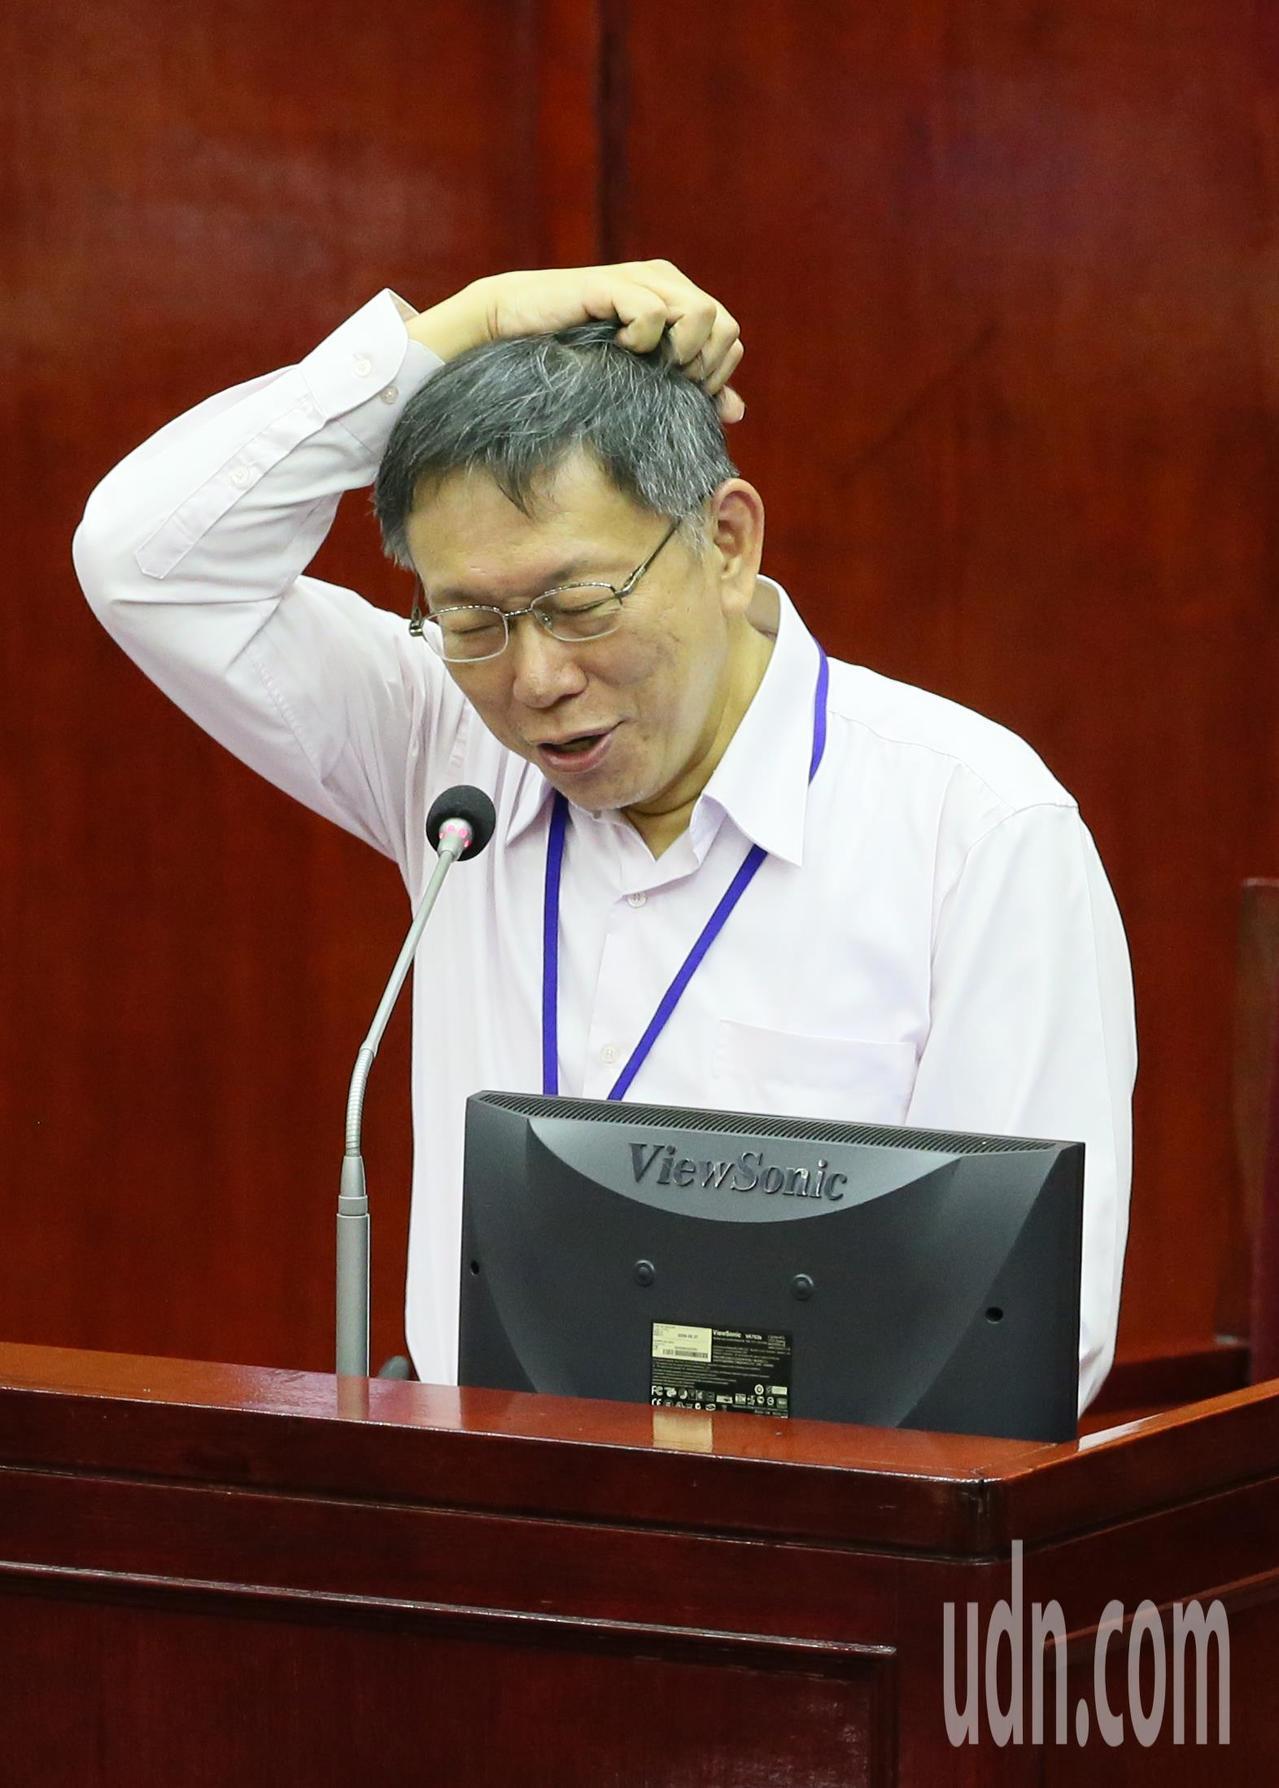 市議員李慶鋒拿著挖出來的鉛製自來水管質詢打臉,讓日前宣布讓「鉛水管正式從台北市消...